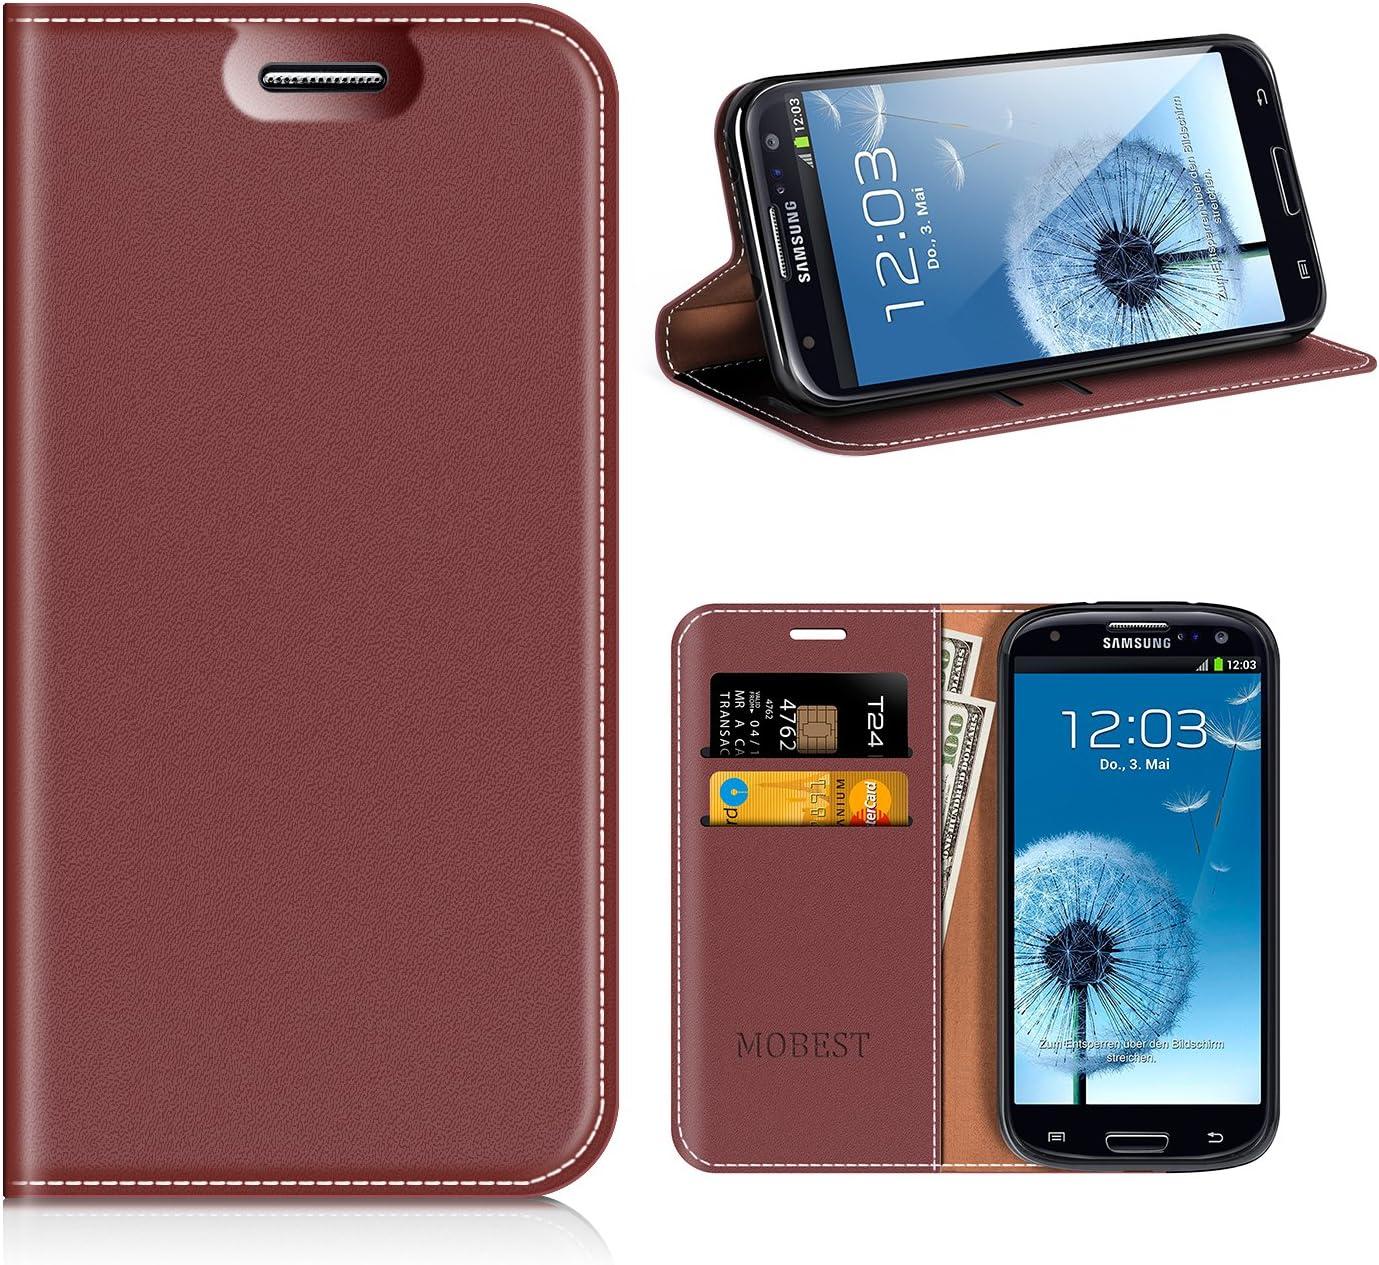 MOBESV Funda Samsung Galaxy S3, Funda Cuero, Carcasa en Libro, Ranuras para Tarjetas, Soporte para Samsung Galaxy S3 / S3 Neo: Amazon.es: Electrónica